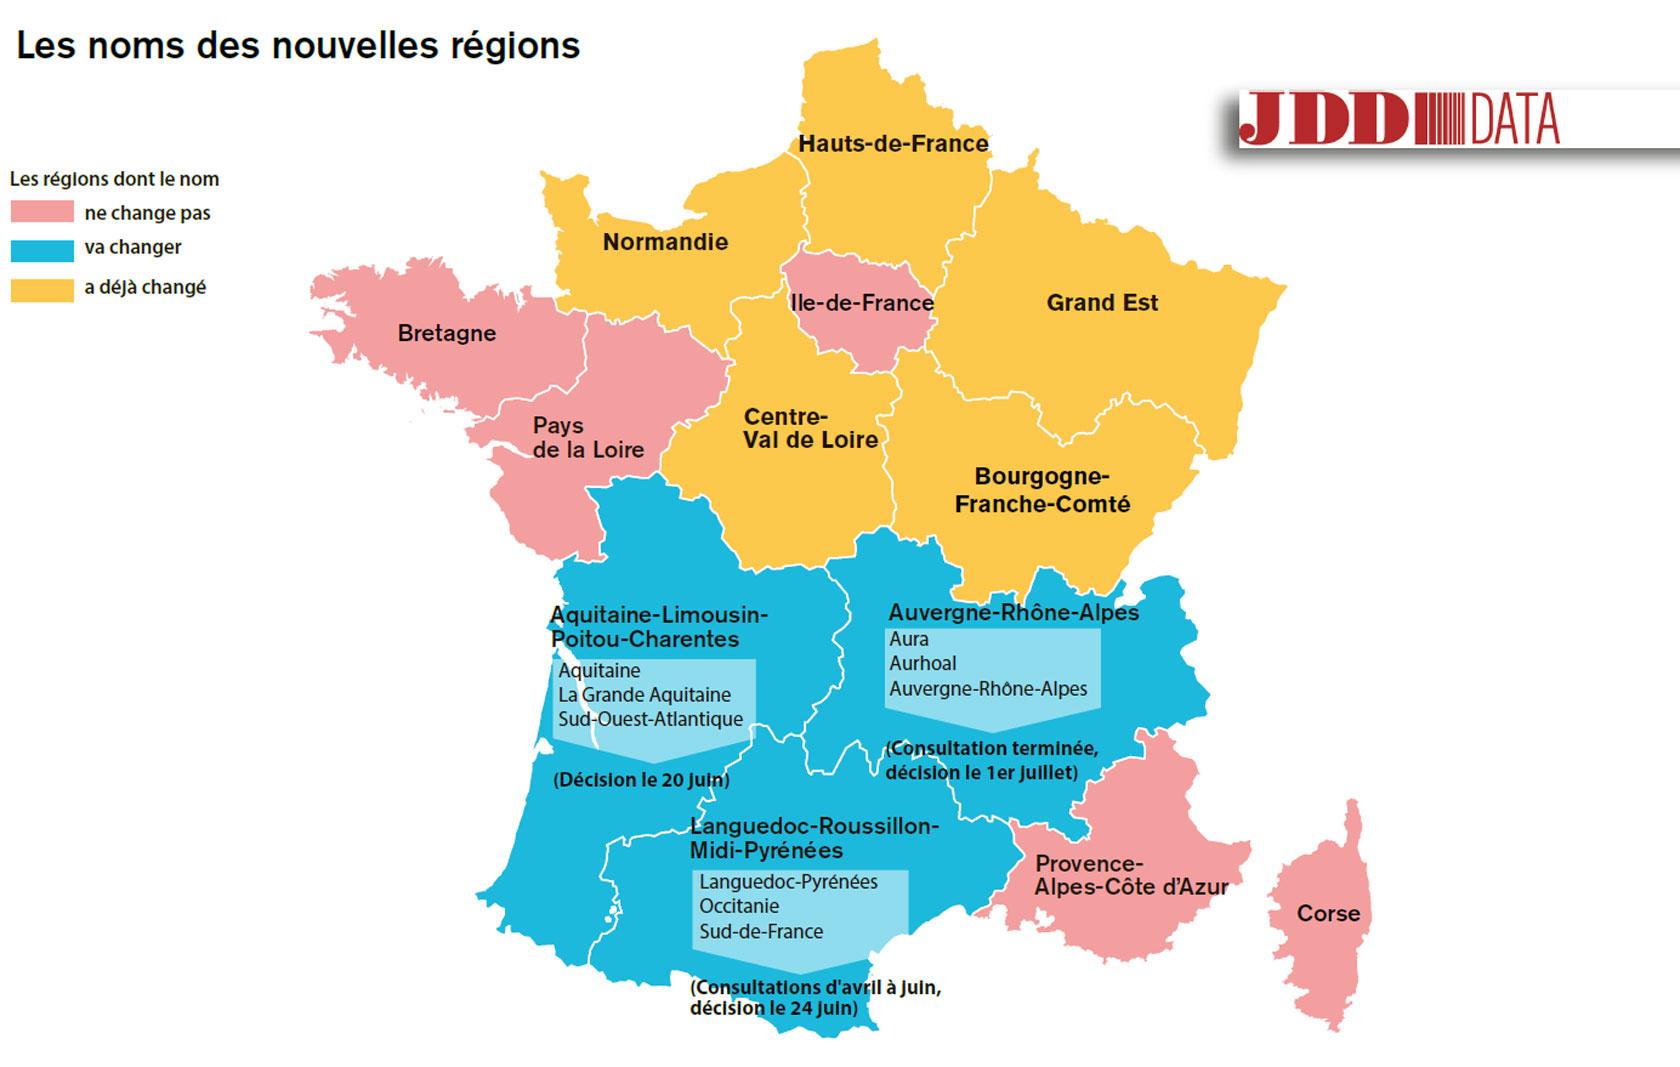 Carte. L'alsace-Champagne-Ardenne-Lorraine Se Rebaptise concernant Les Nouvelles Régions De France